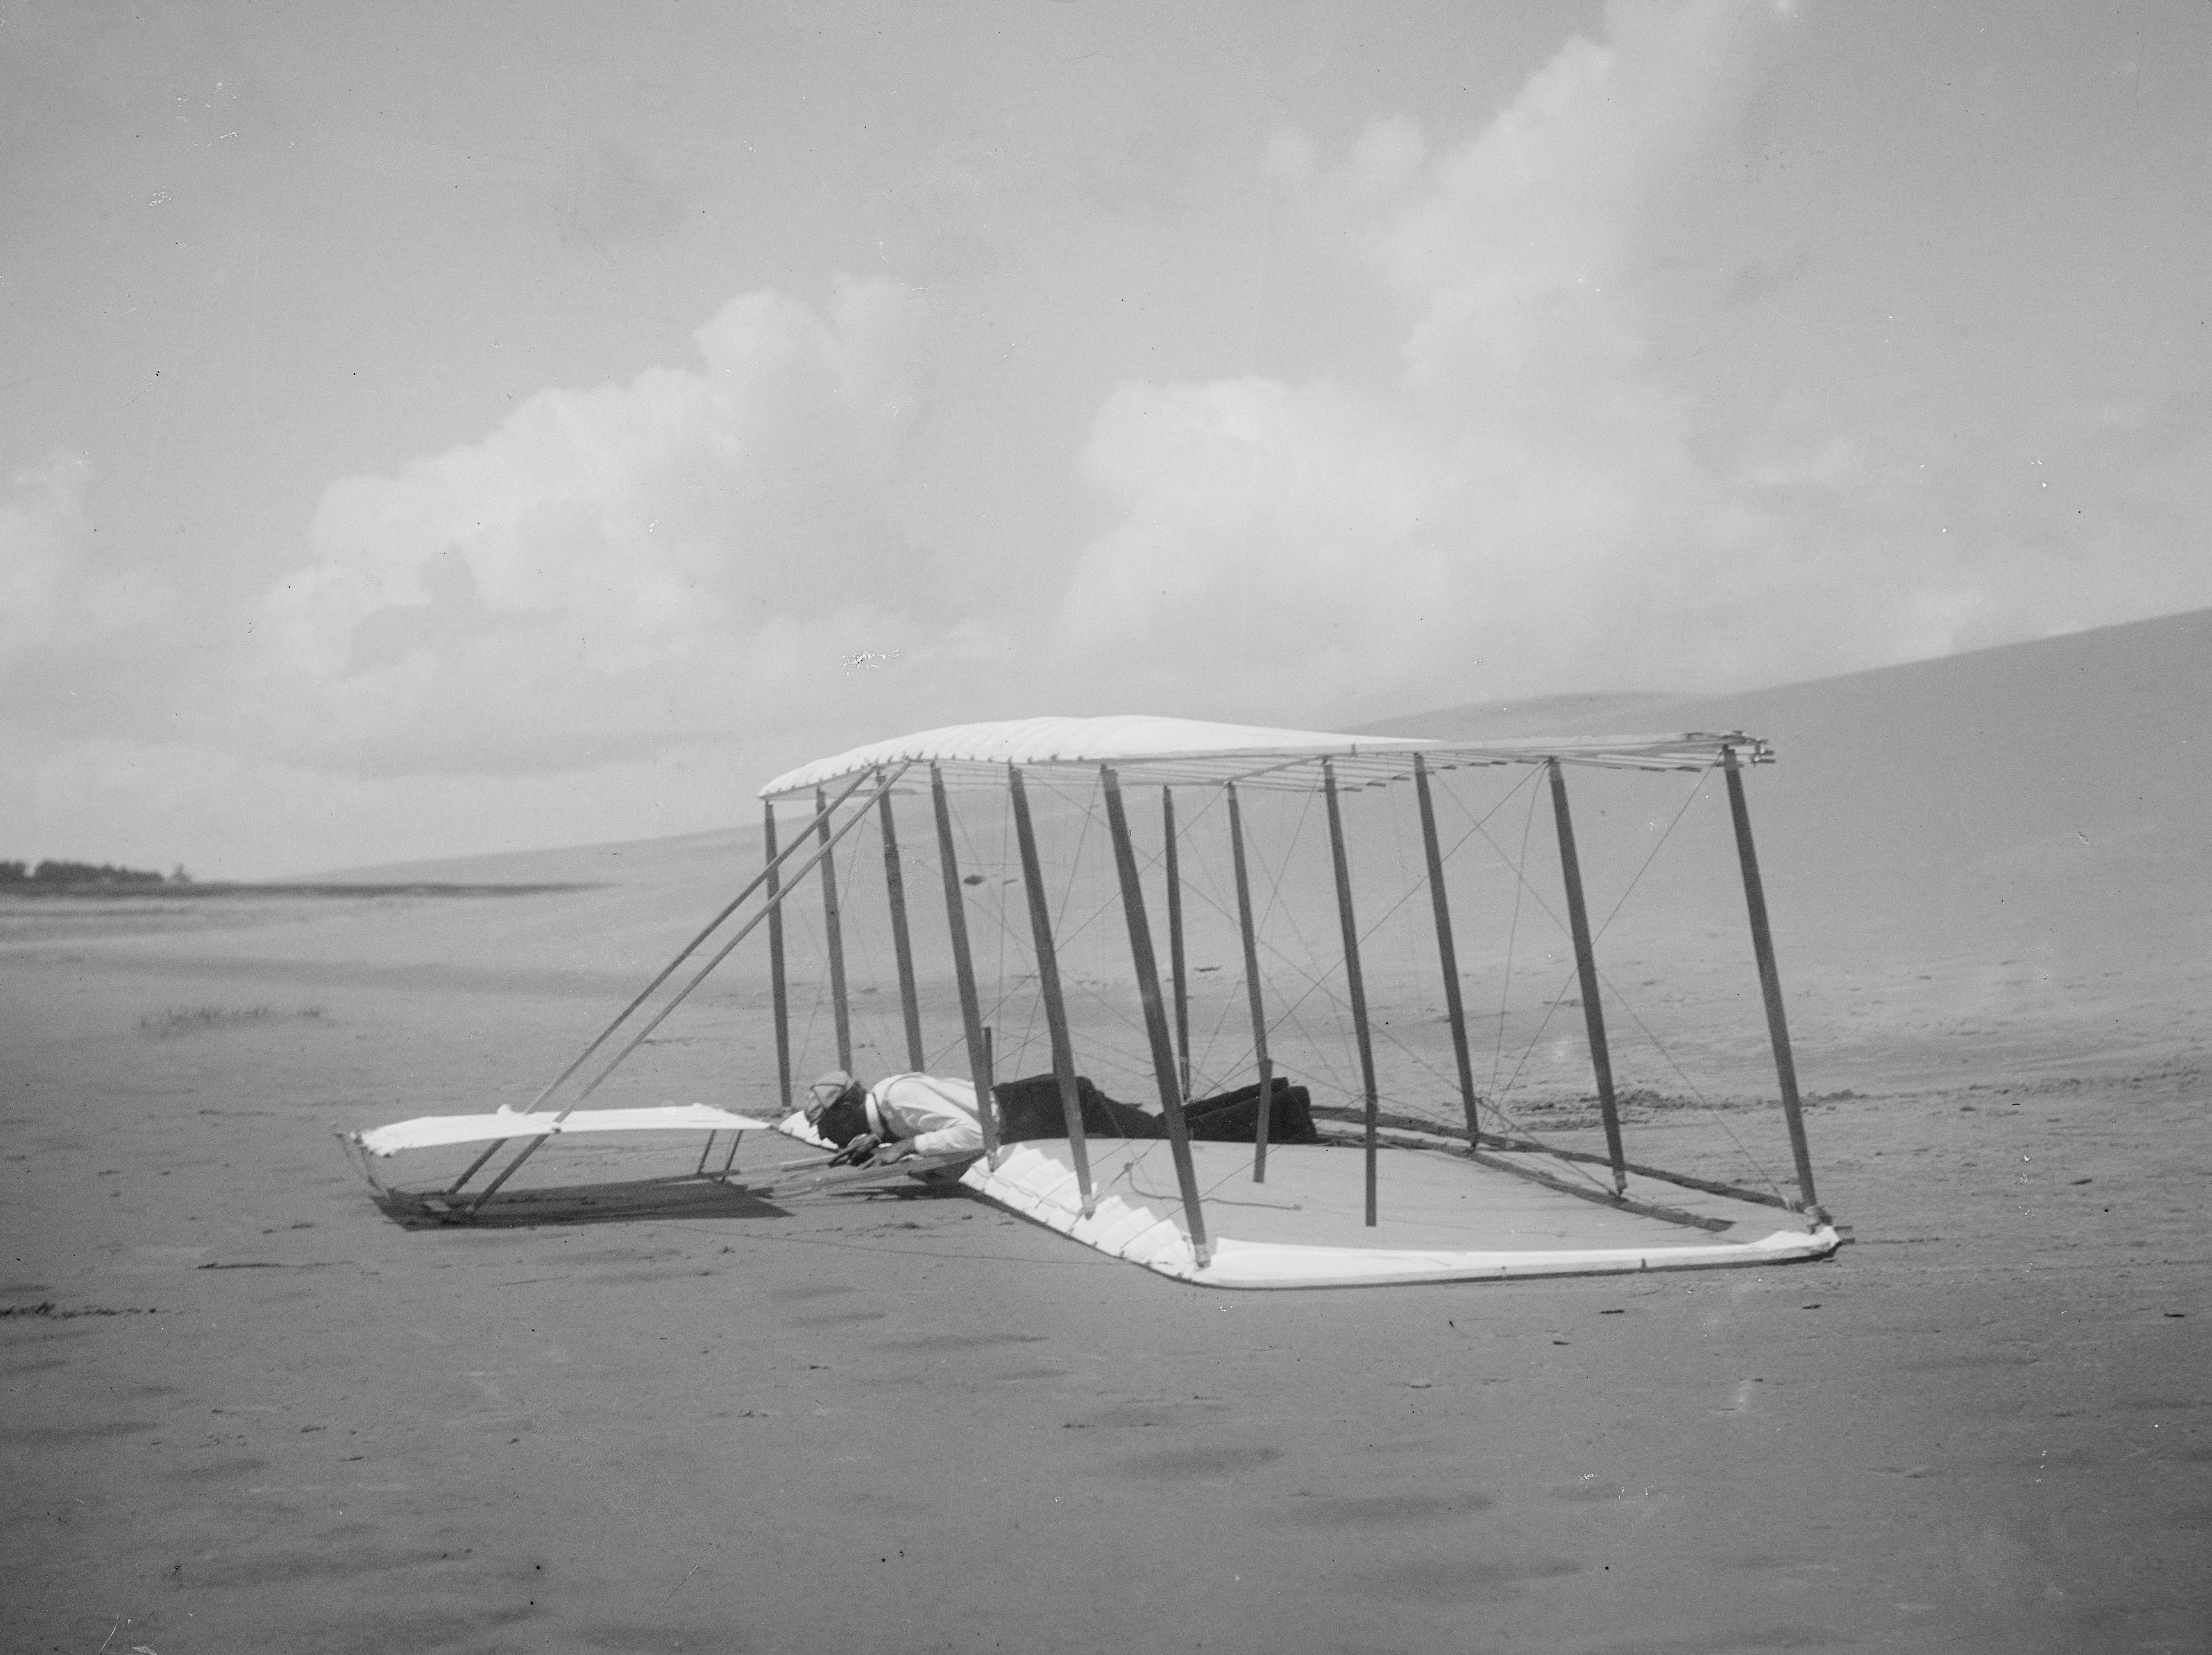 剛剛駕駛1901年滑翔機著陸的威爾伯。機身後方拖著降落時的劃痕,畫面前方的痕跡是之前幾次試飛時留下的。(國會圖書館)